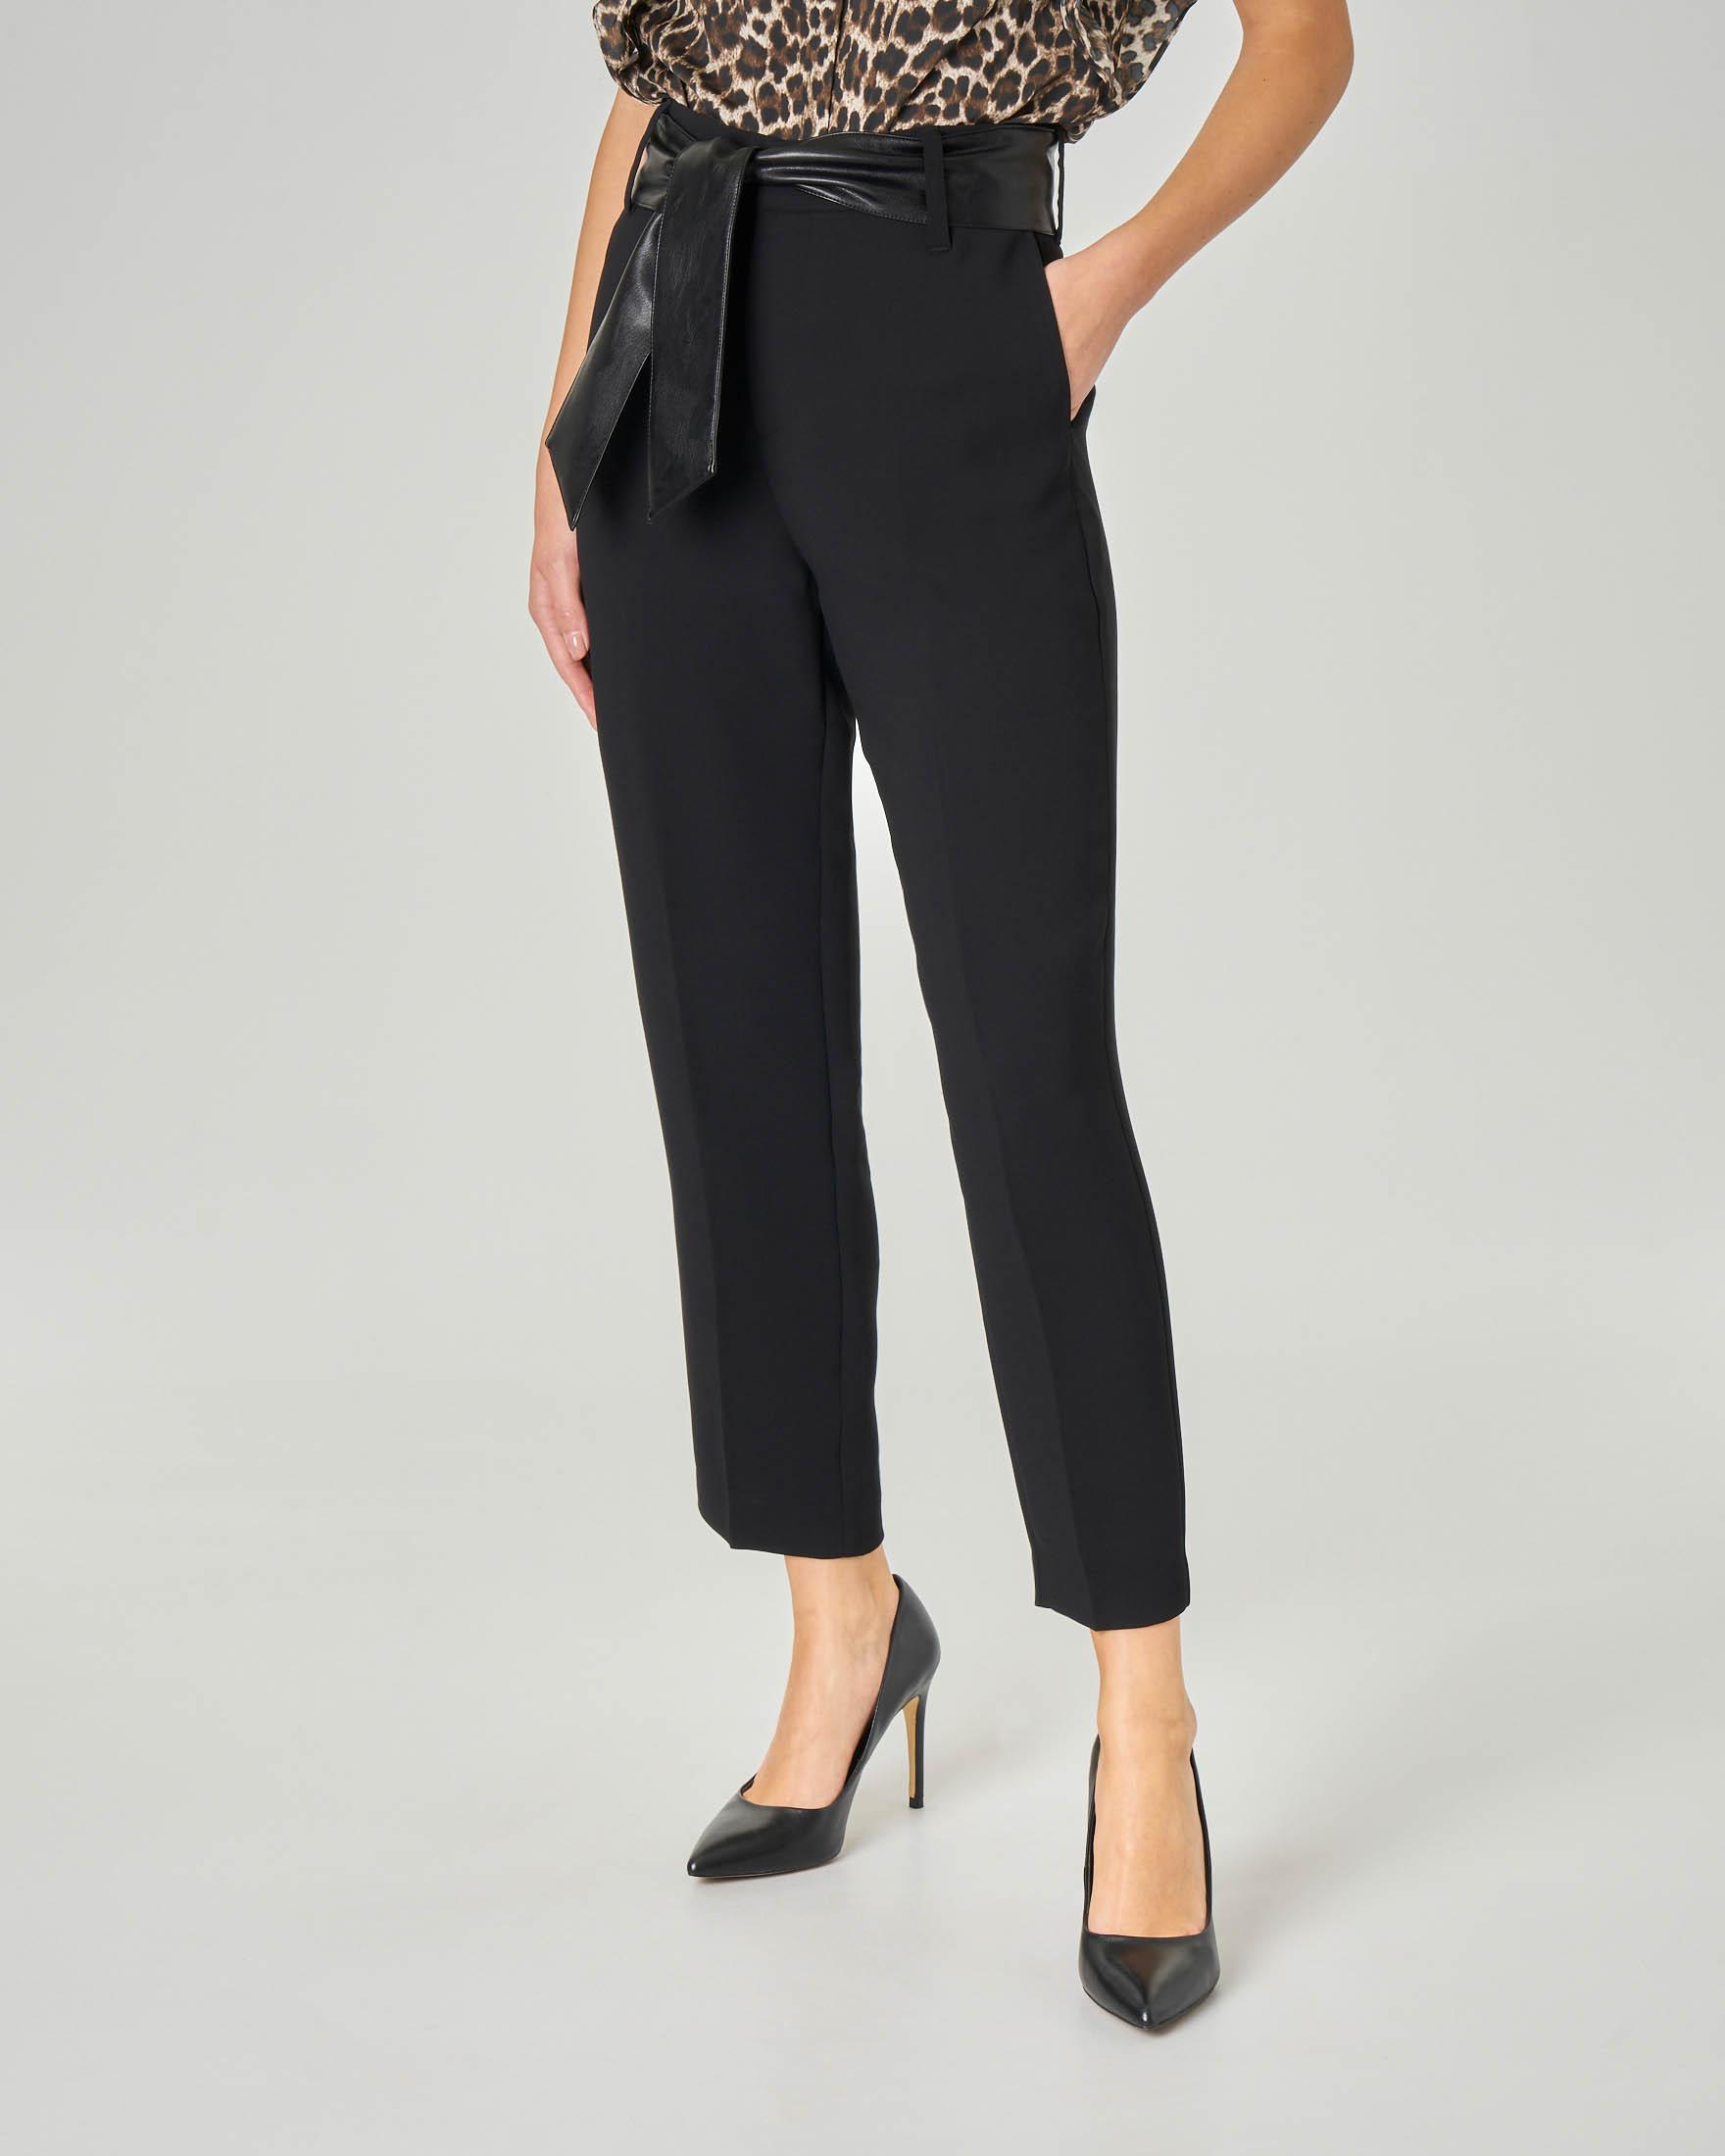 Pantaloni neri a vita alta con cintura in vita in ecopelle tono su tono